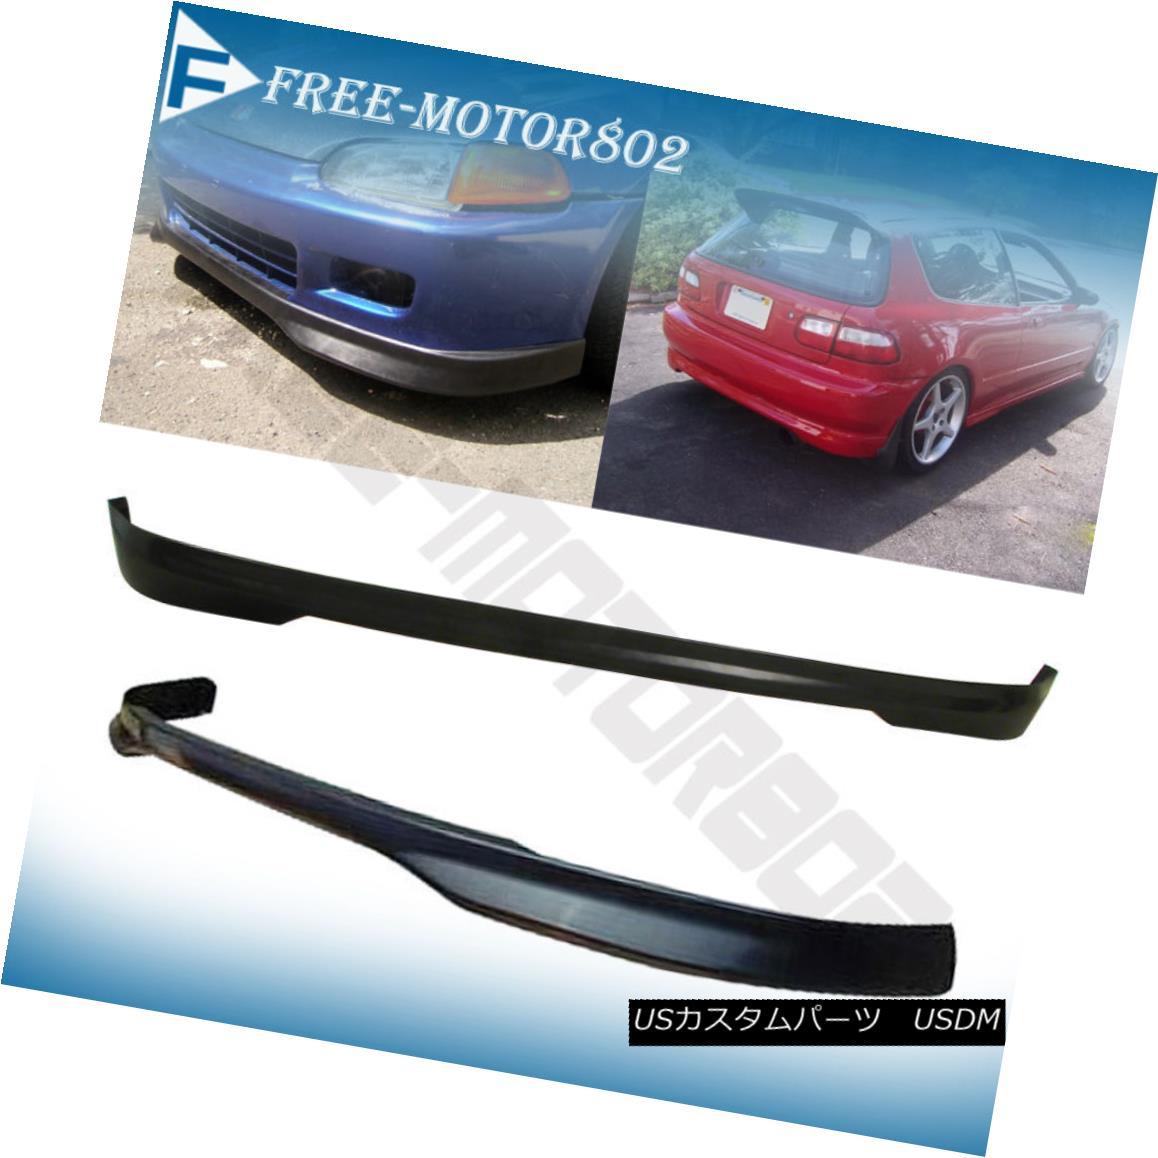 エアロパーツ For 92-95 Honda Civic EG 3DR Type R Front + Rear Bumper Lip Spoiler Bodykit PU 92-95ホンダシビックEG 3DRタイプRフロント+リアバンパーリップスポイラーボディキットPU